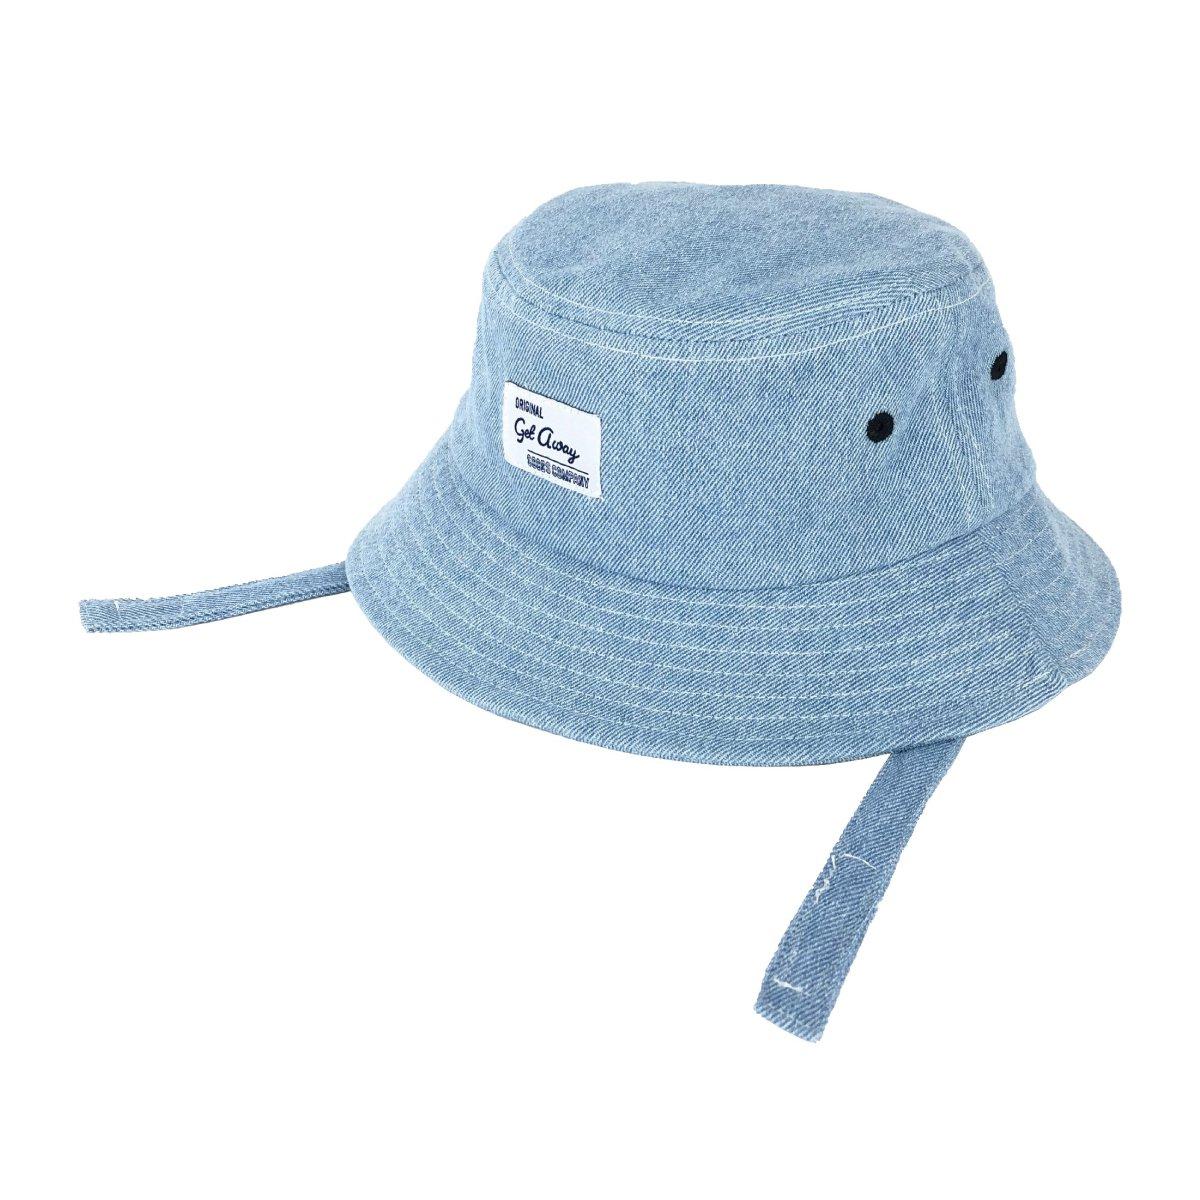 【BABY】Denim Wash Hat 詳細画像3